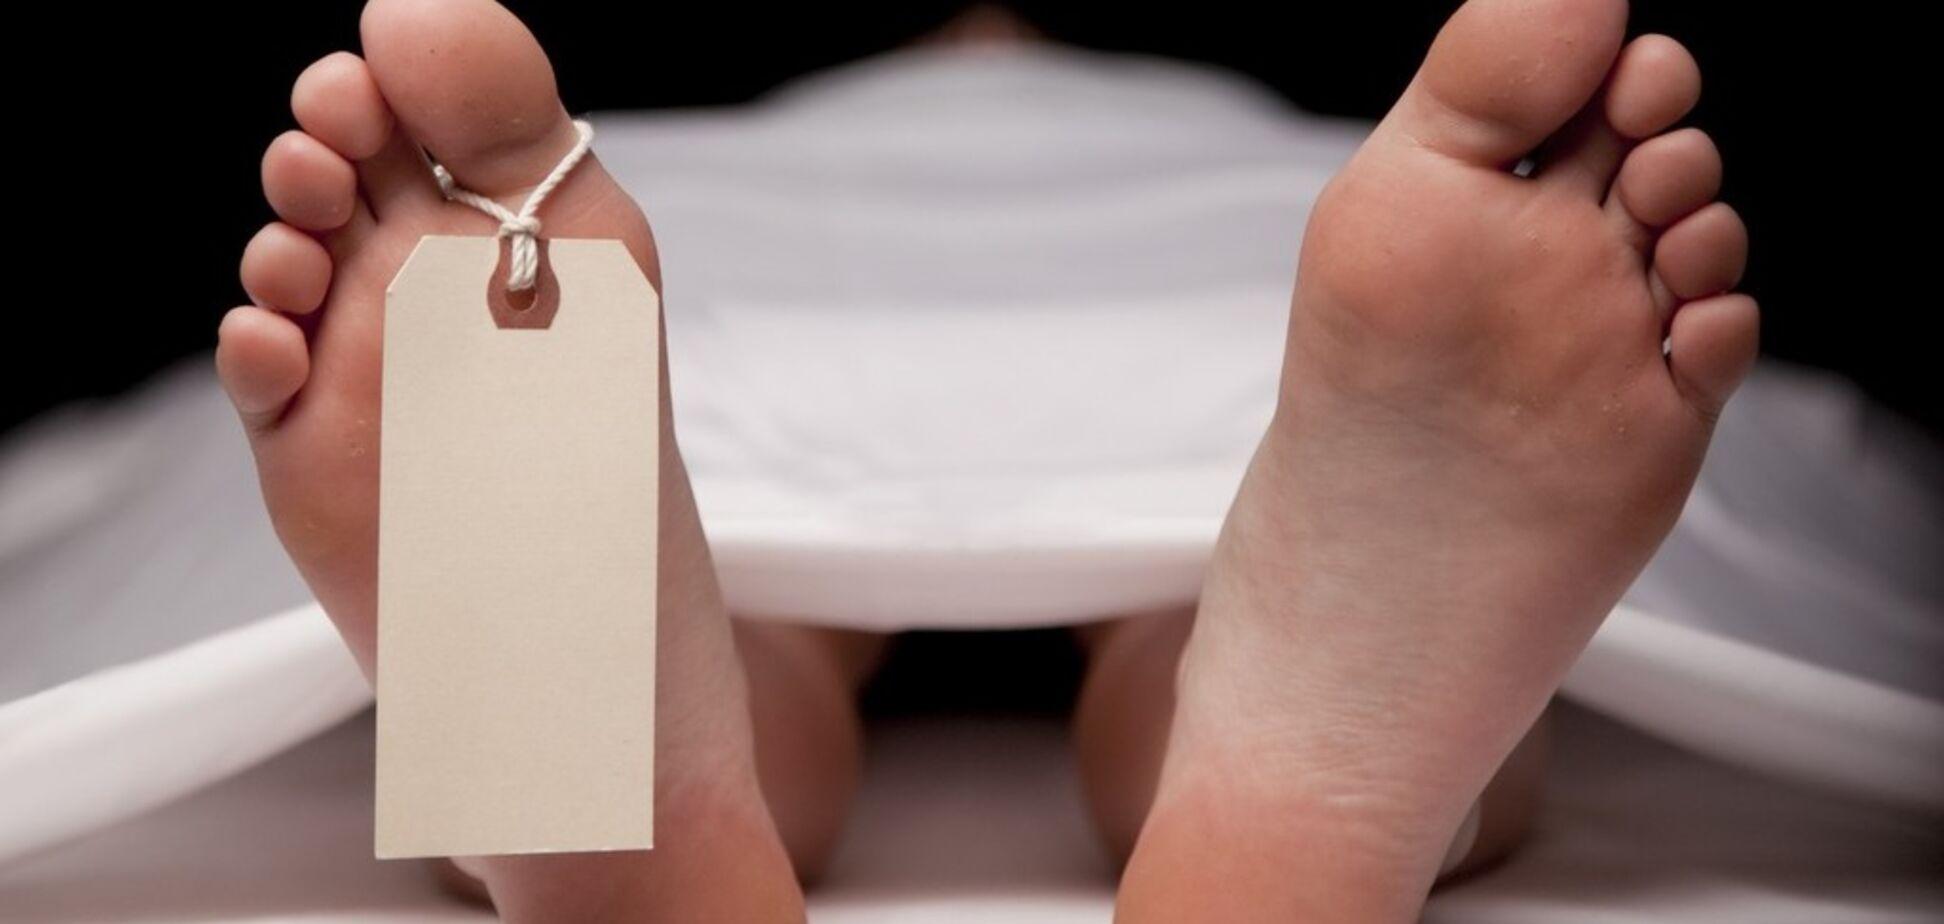 В Запорожье был обнаружен труп, завернутый в одеяло